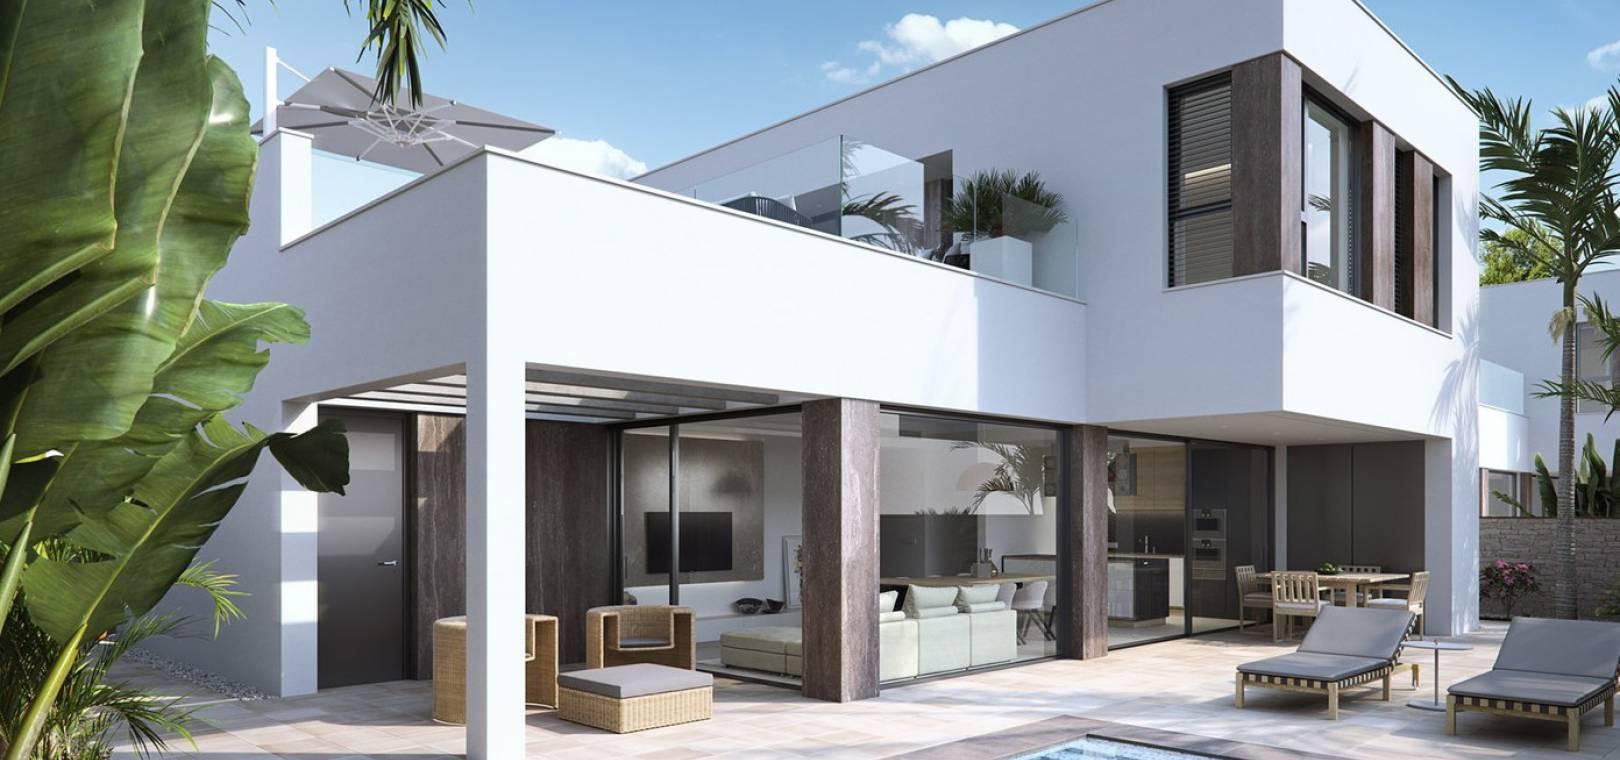 Torre_de_la_Horadada_New_Build_Luxury_Villas_For_Sale_nsp257_27